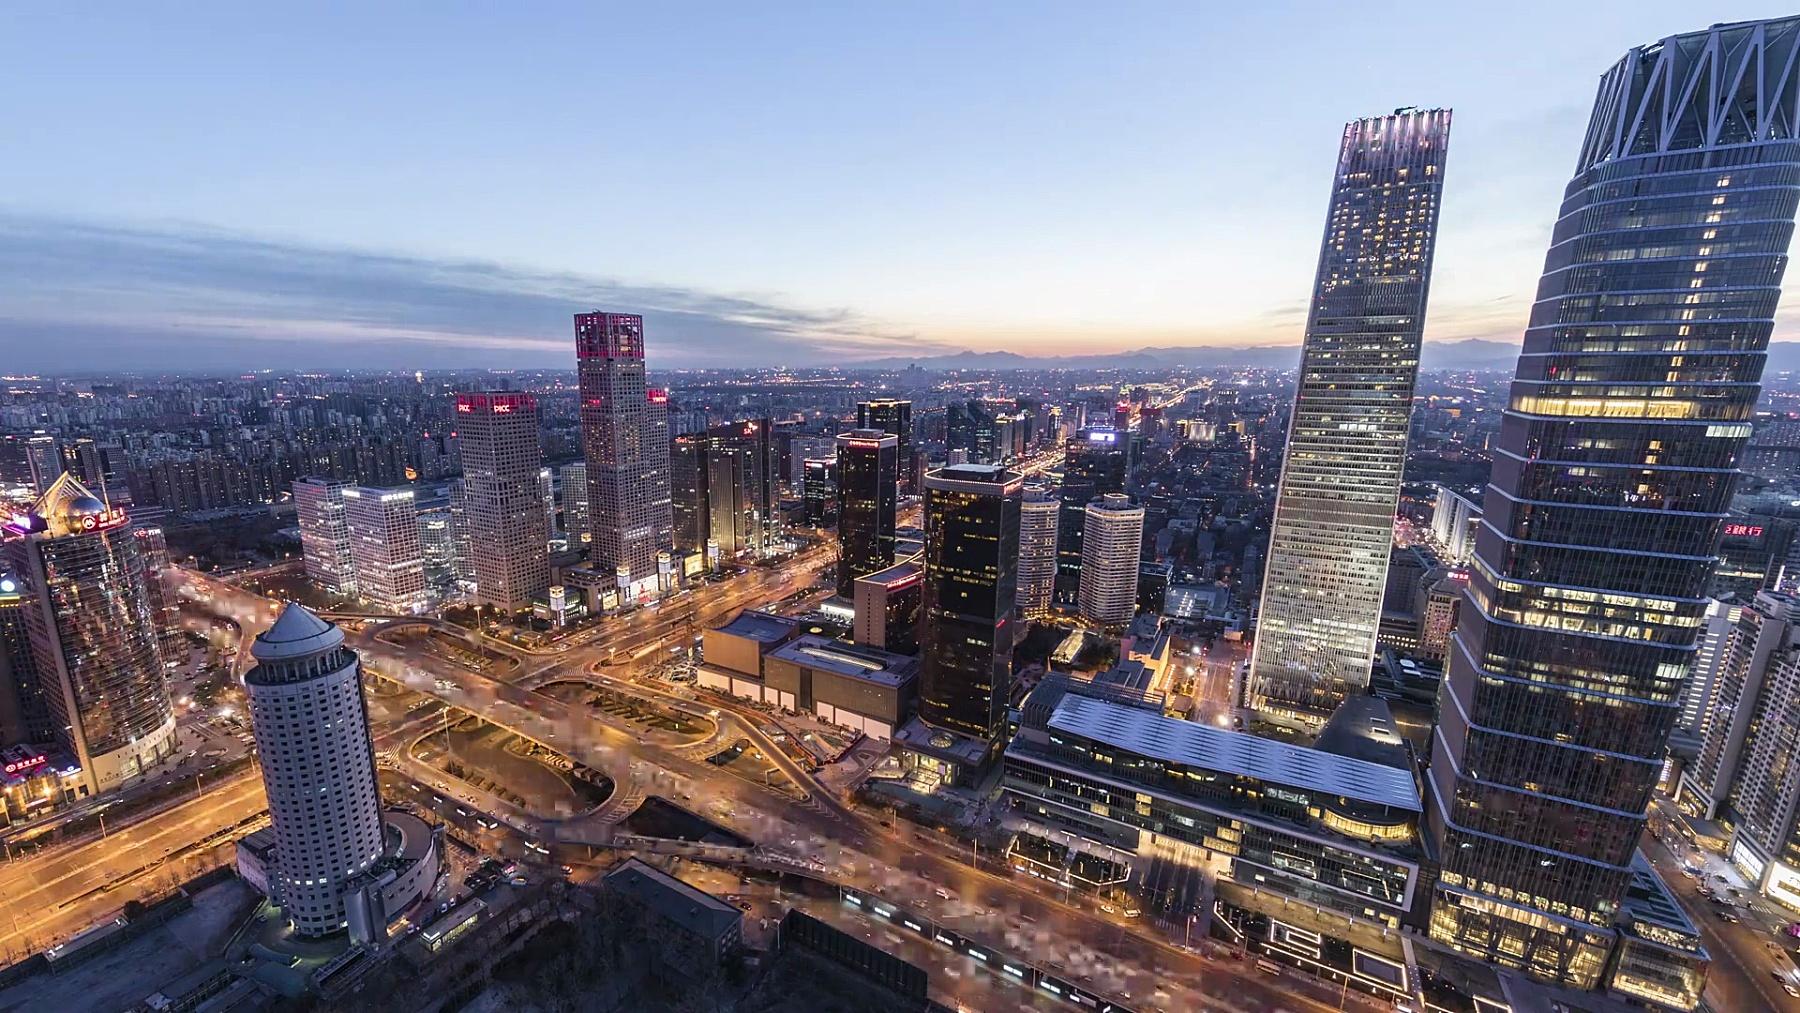 延时摄影-中国北京的未来城市景观